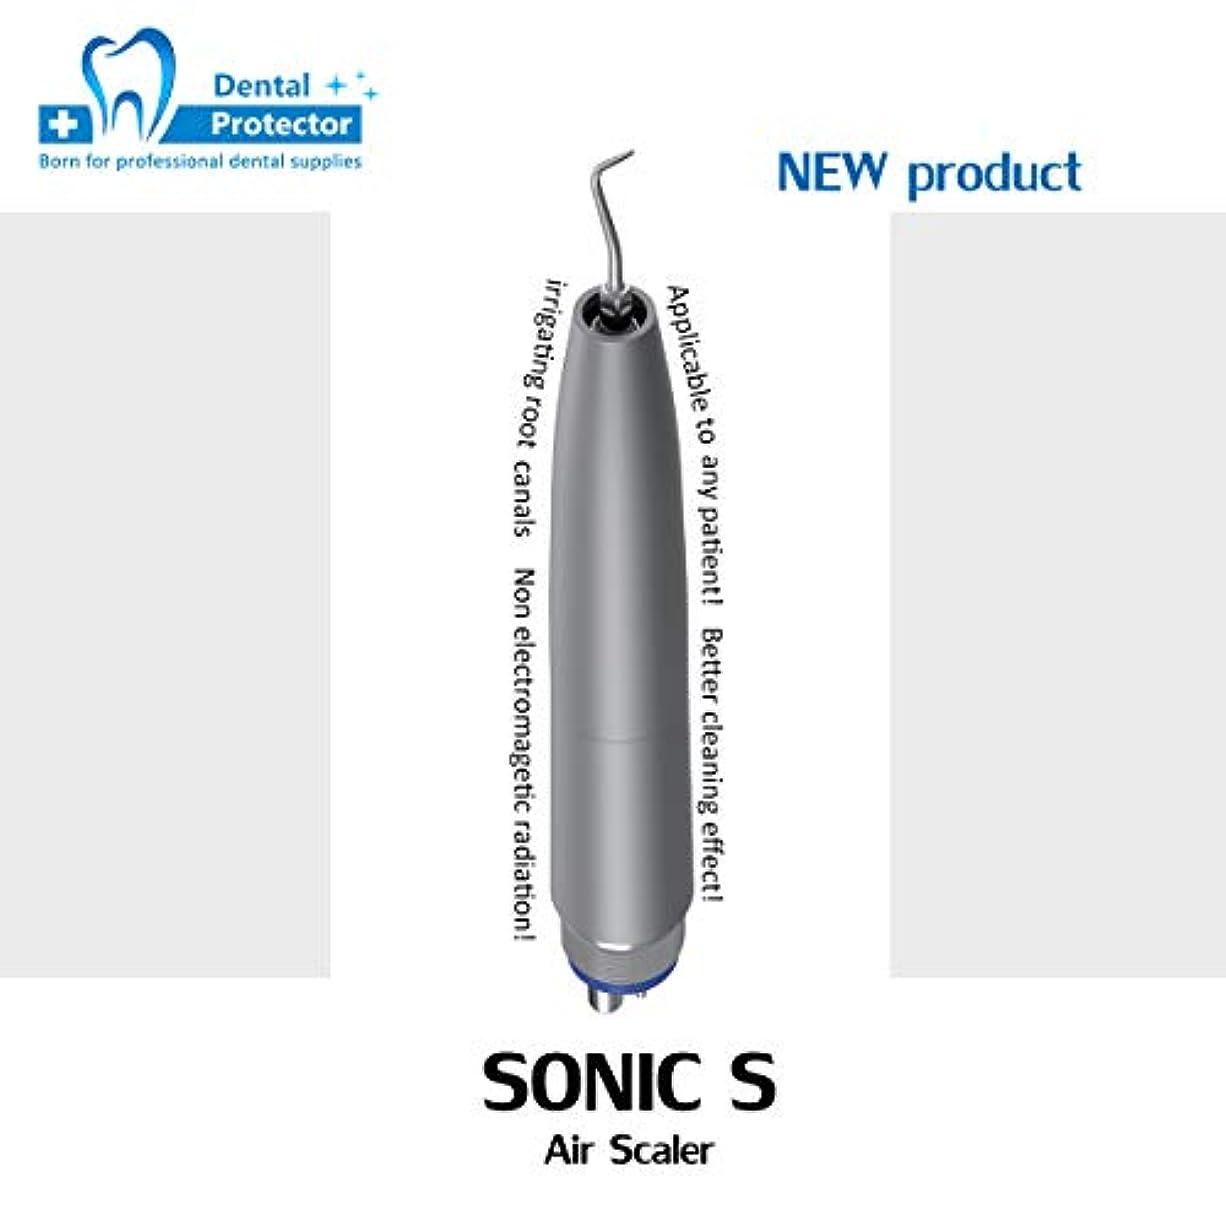 汚れるセンチメンタルヨーロッパ歯科用KAVO対応3Hソニックのエアースケーラー